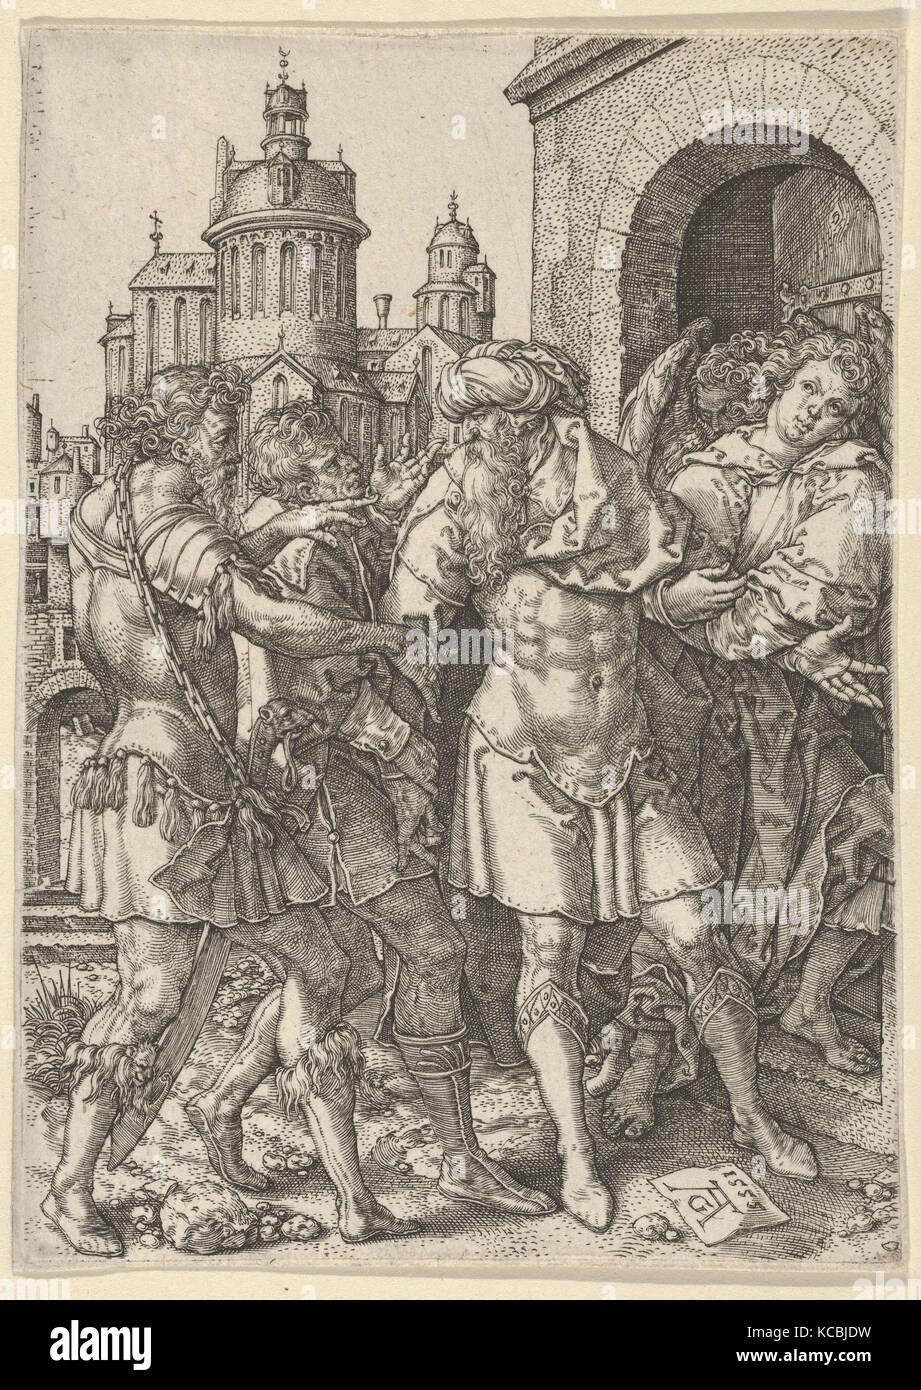 Viele verhindert die Hurer aus Gewalt, aus der Geschichte von Lot, Heinrich Aldegrever, 1555 Stockbild